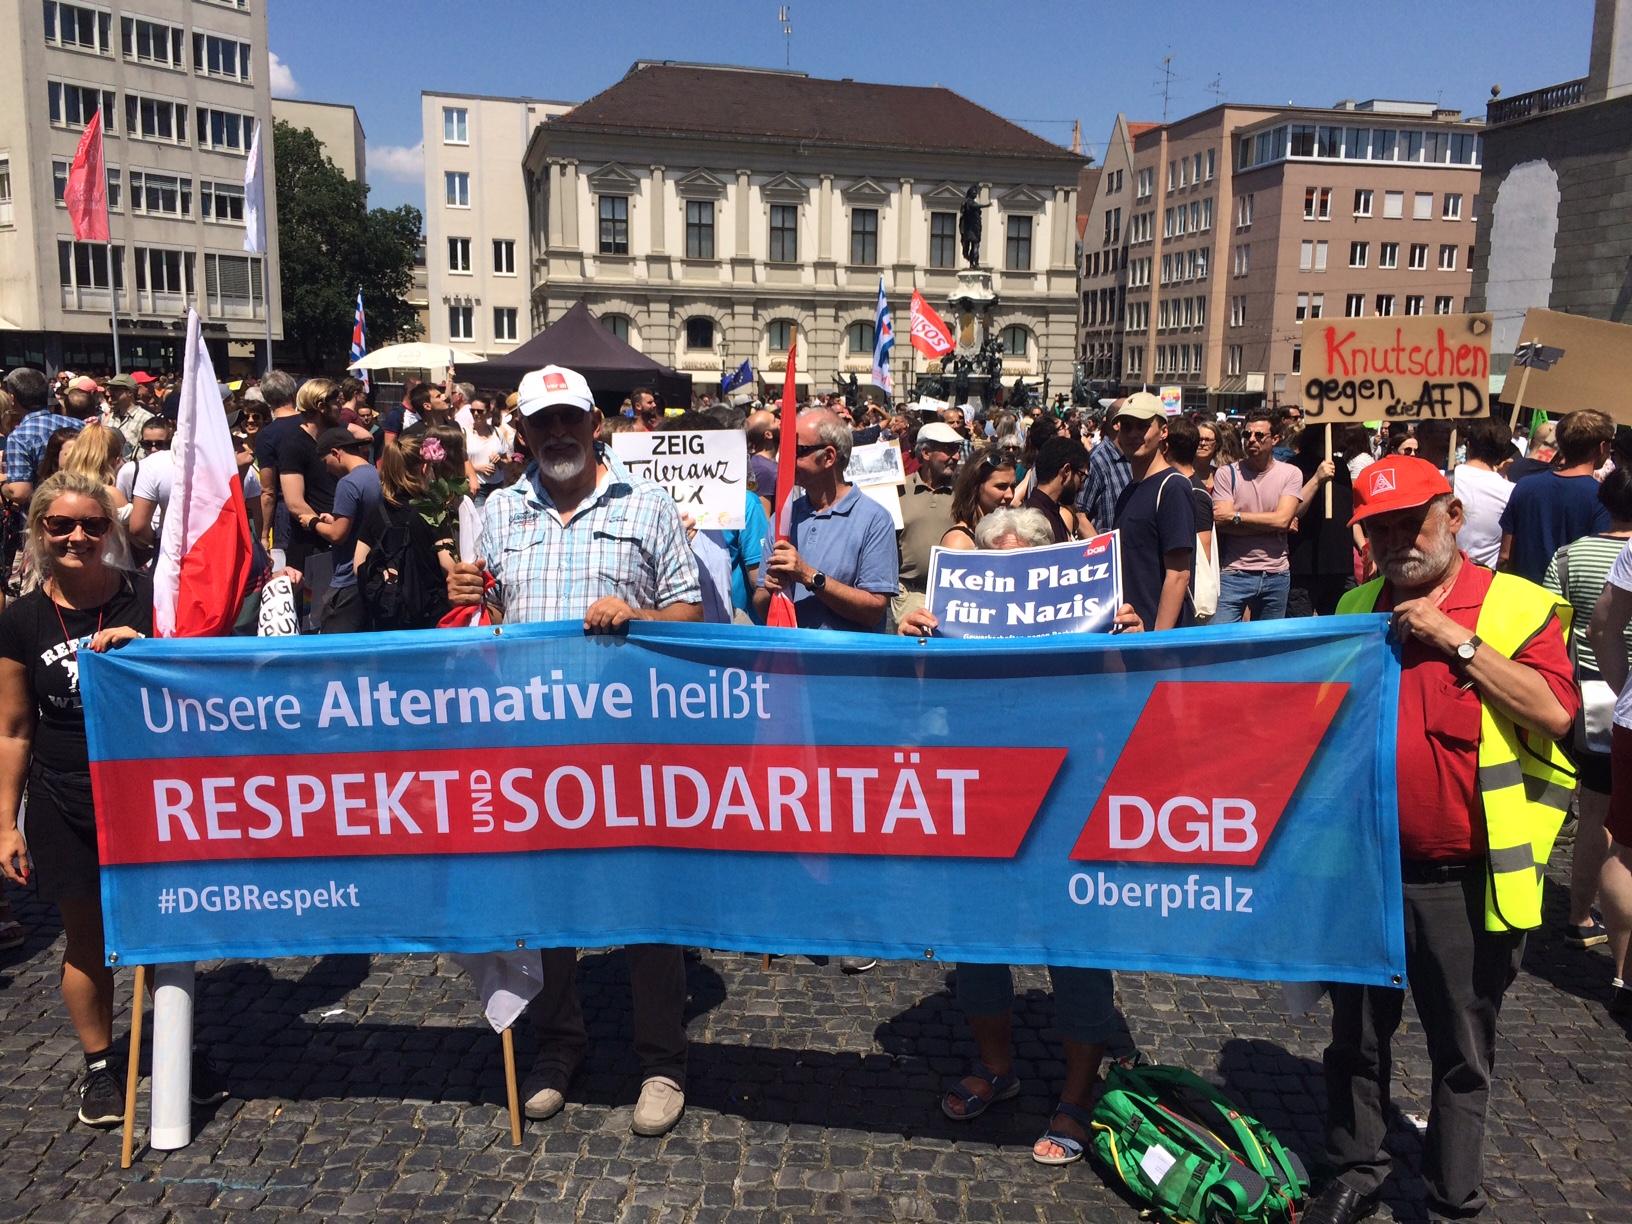 Die Kolleginnen und Kollegen aus der Oberpfalz mit 6.000 weiteren Menschen am Rathausplatz.